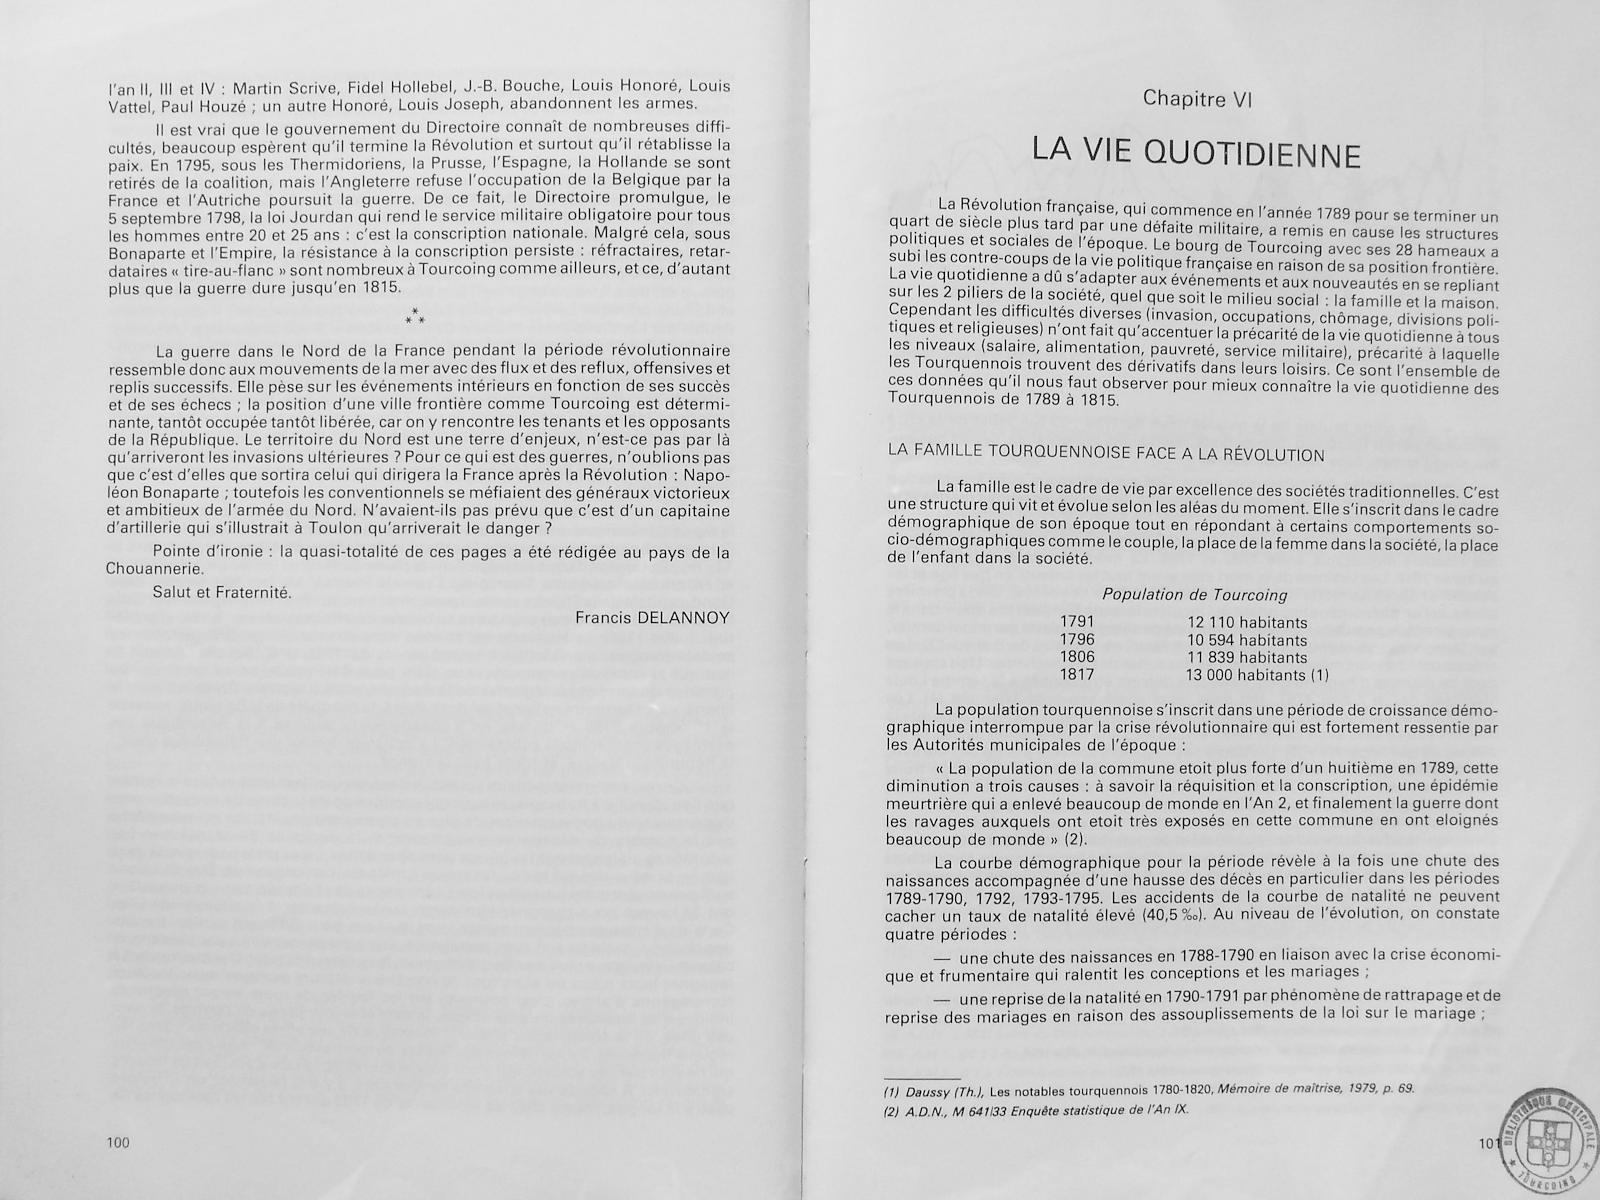 Chroniques tourquennoises, tome 5, pages 100 et 101